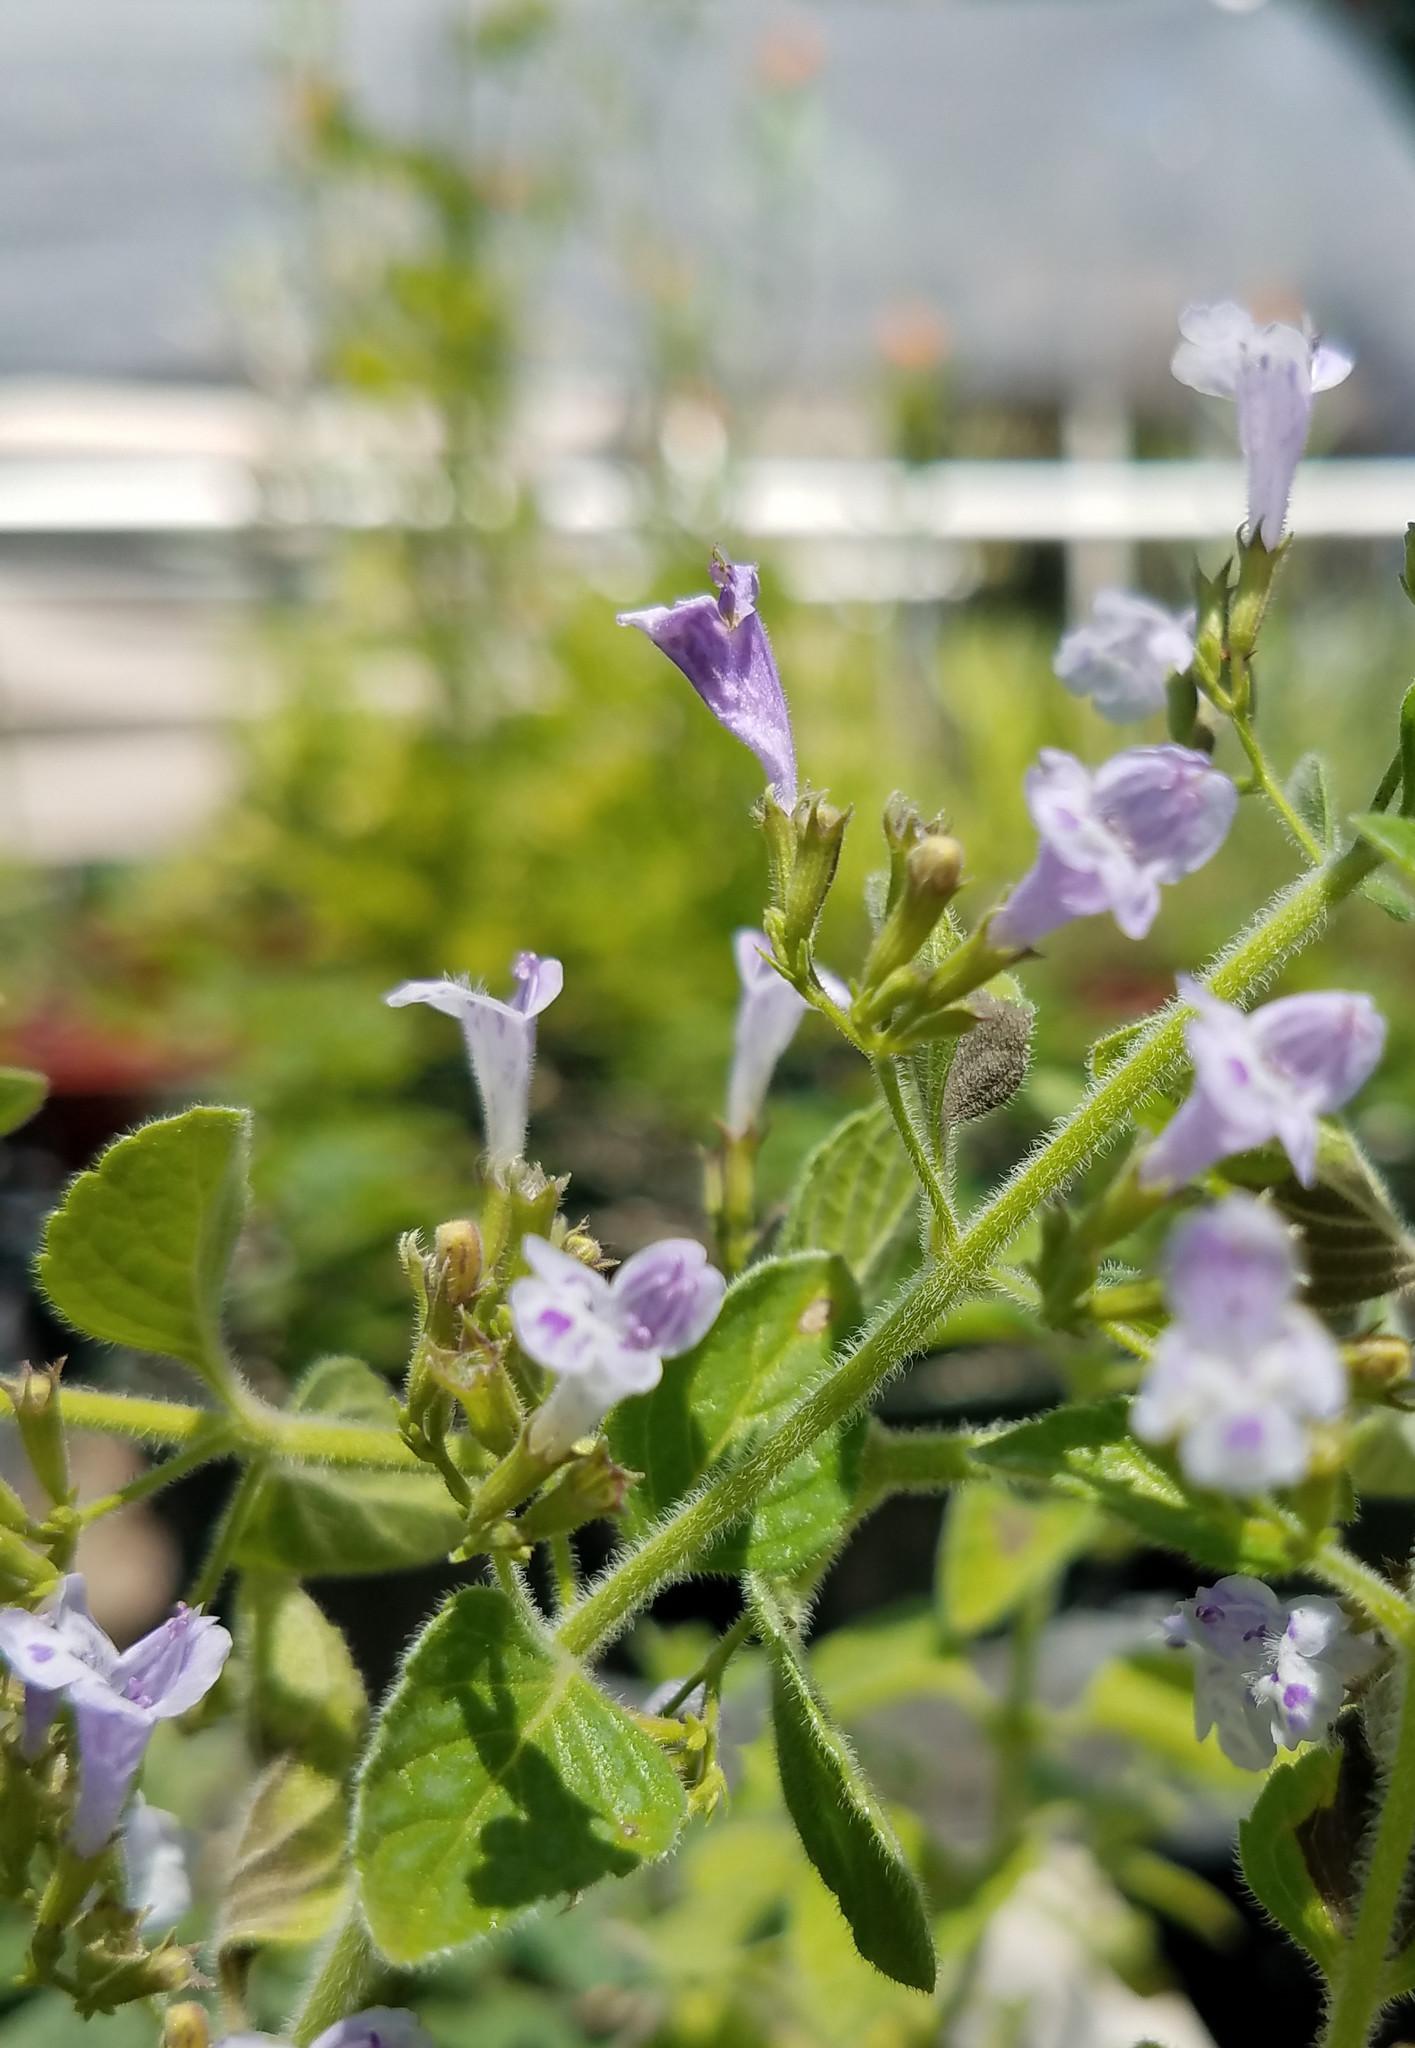 Nepitella flowers